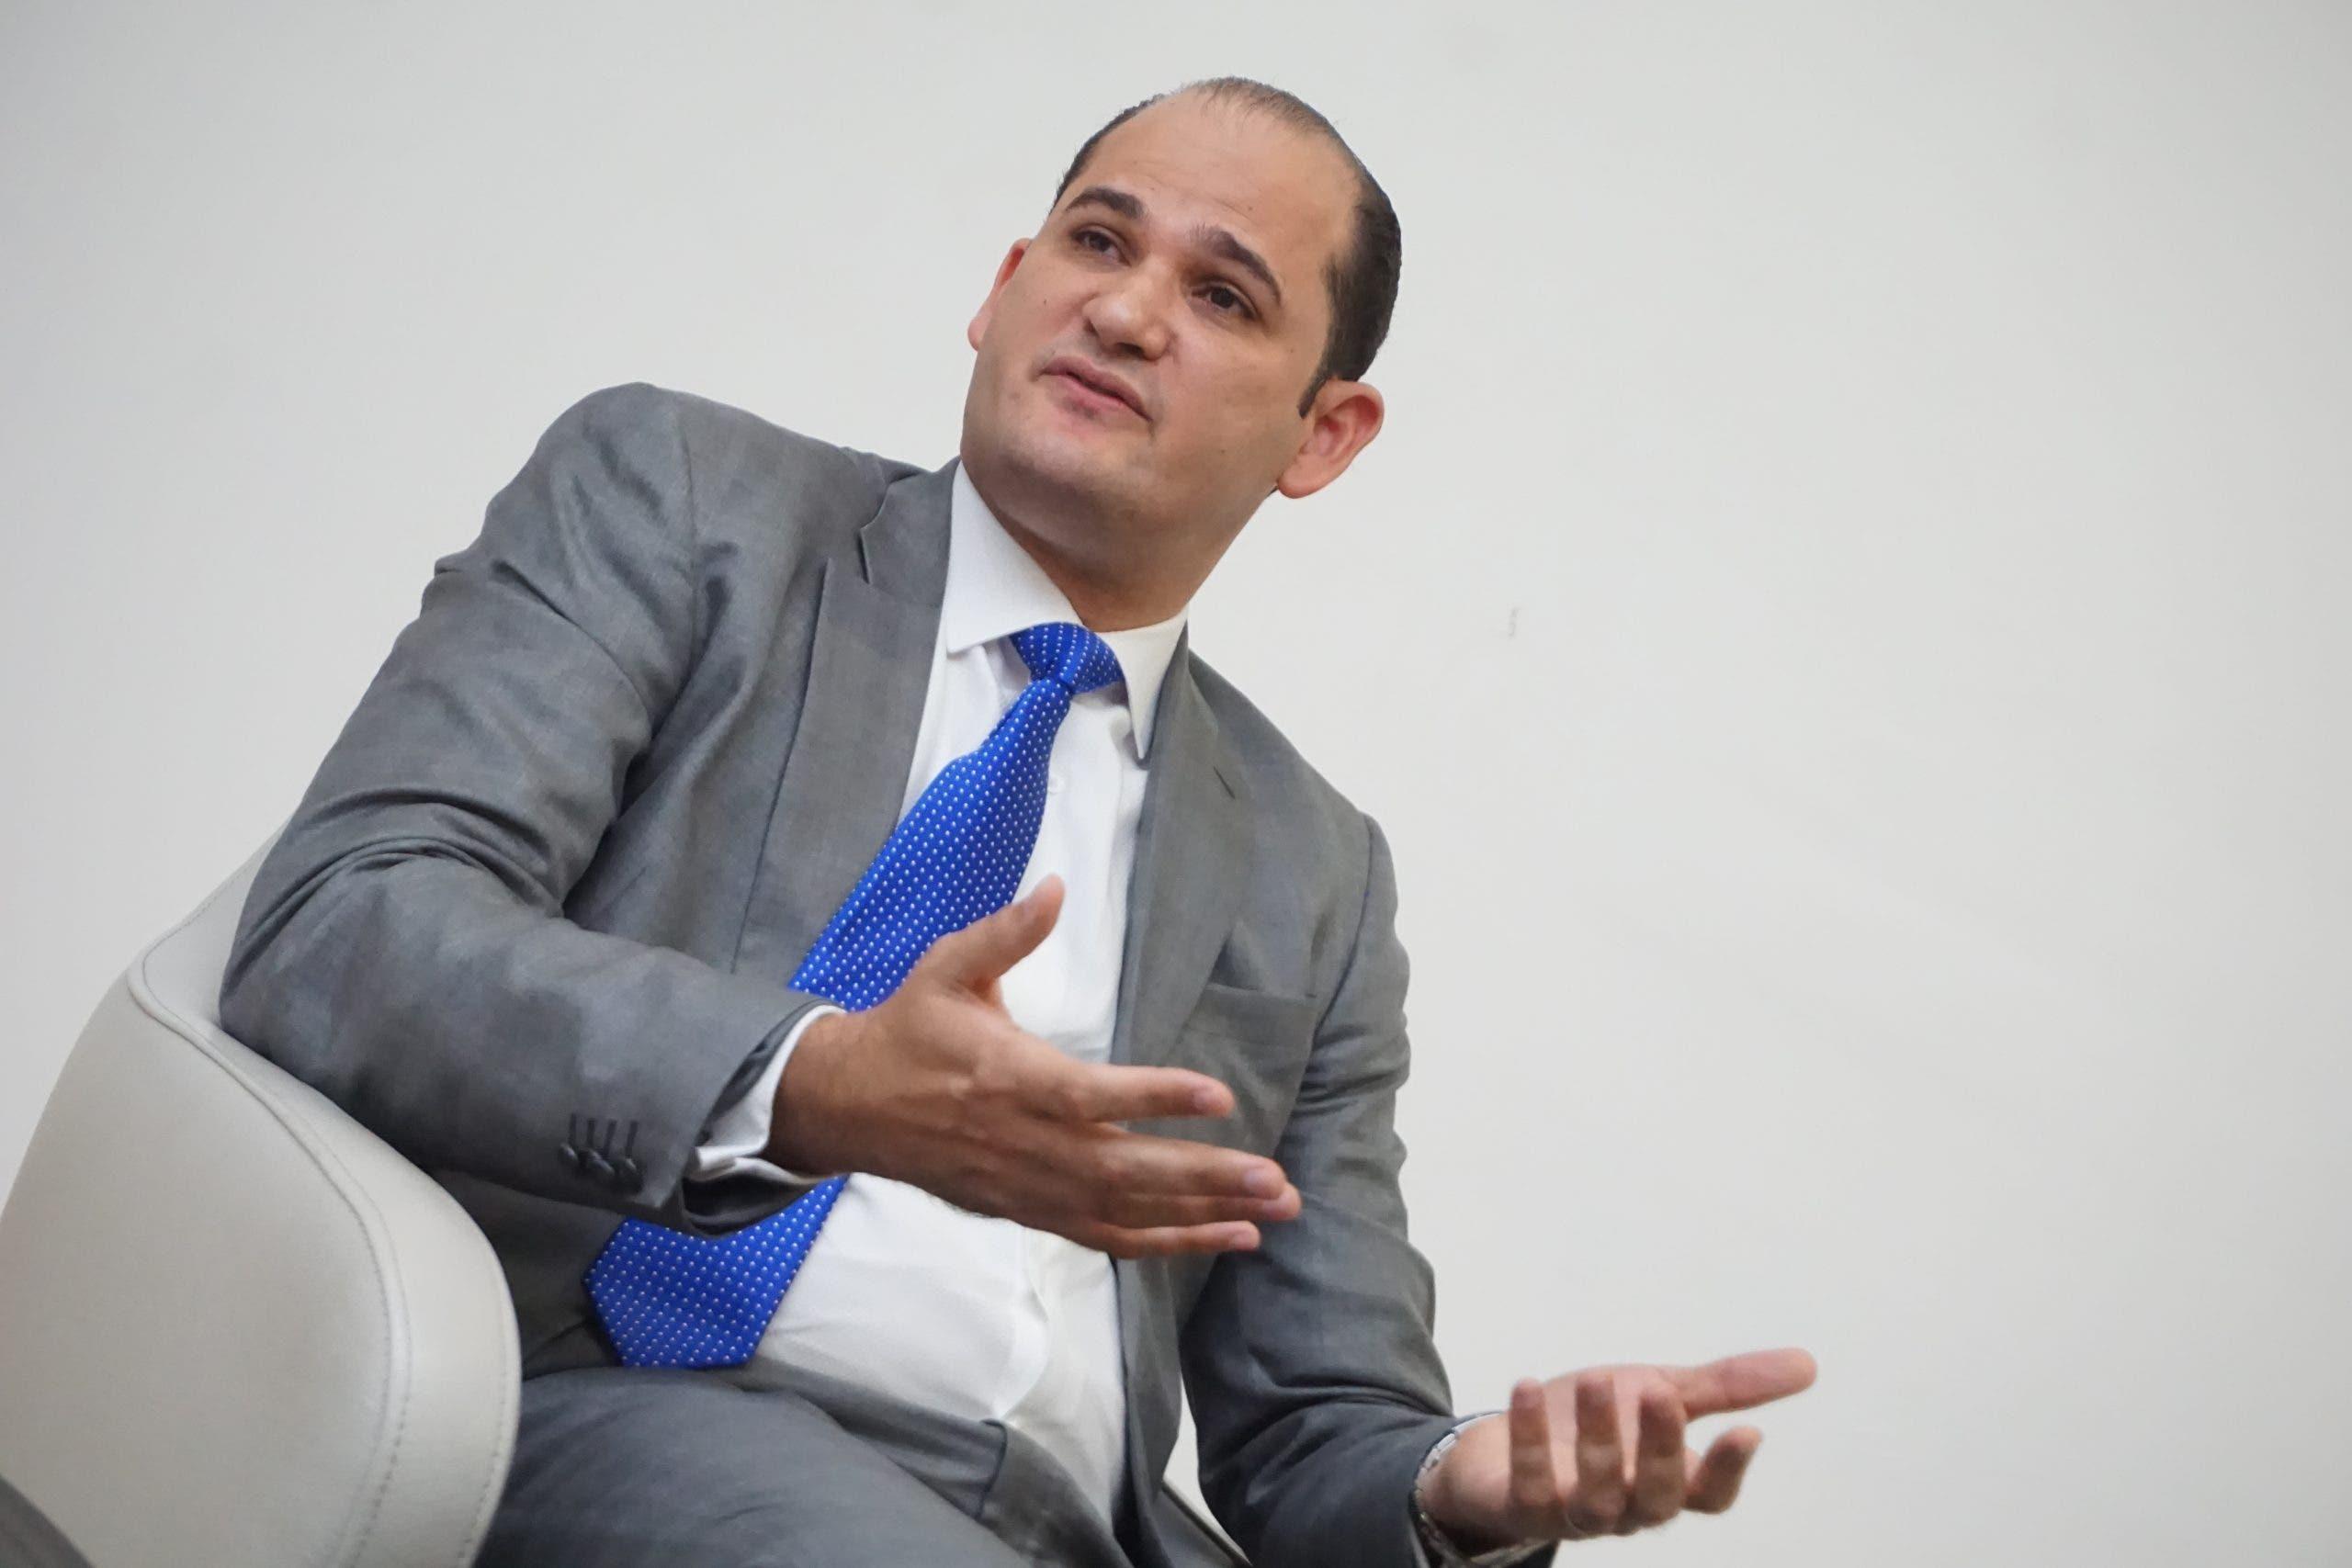 Adolfo Pérez encontró deuda de más de 800 millones de pesos con suplidores y desorganización total en almacenes de Promese/Cal